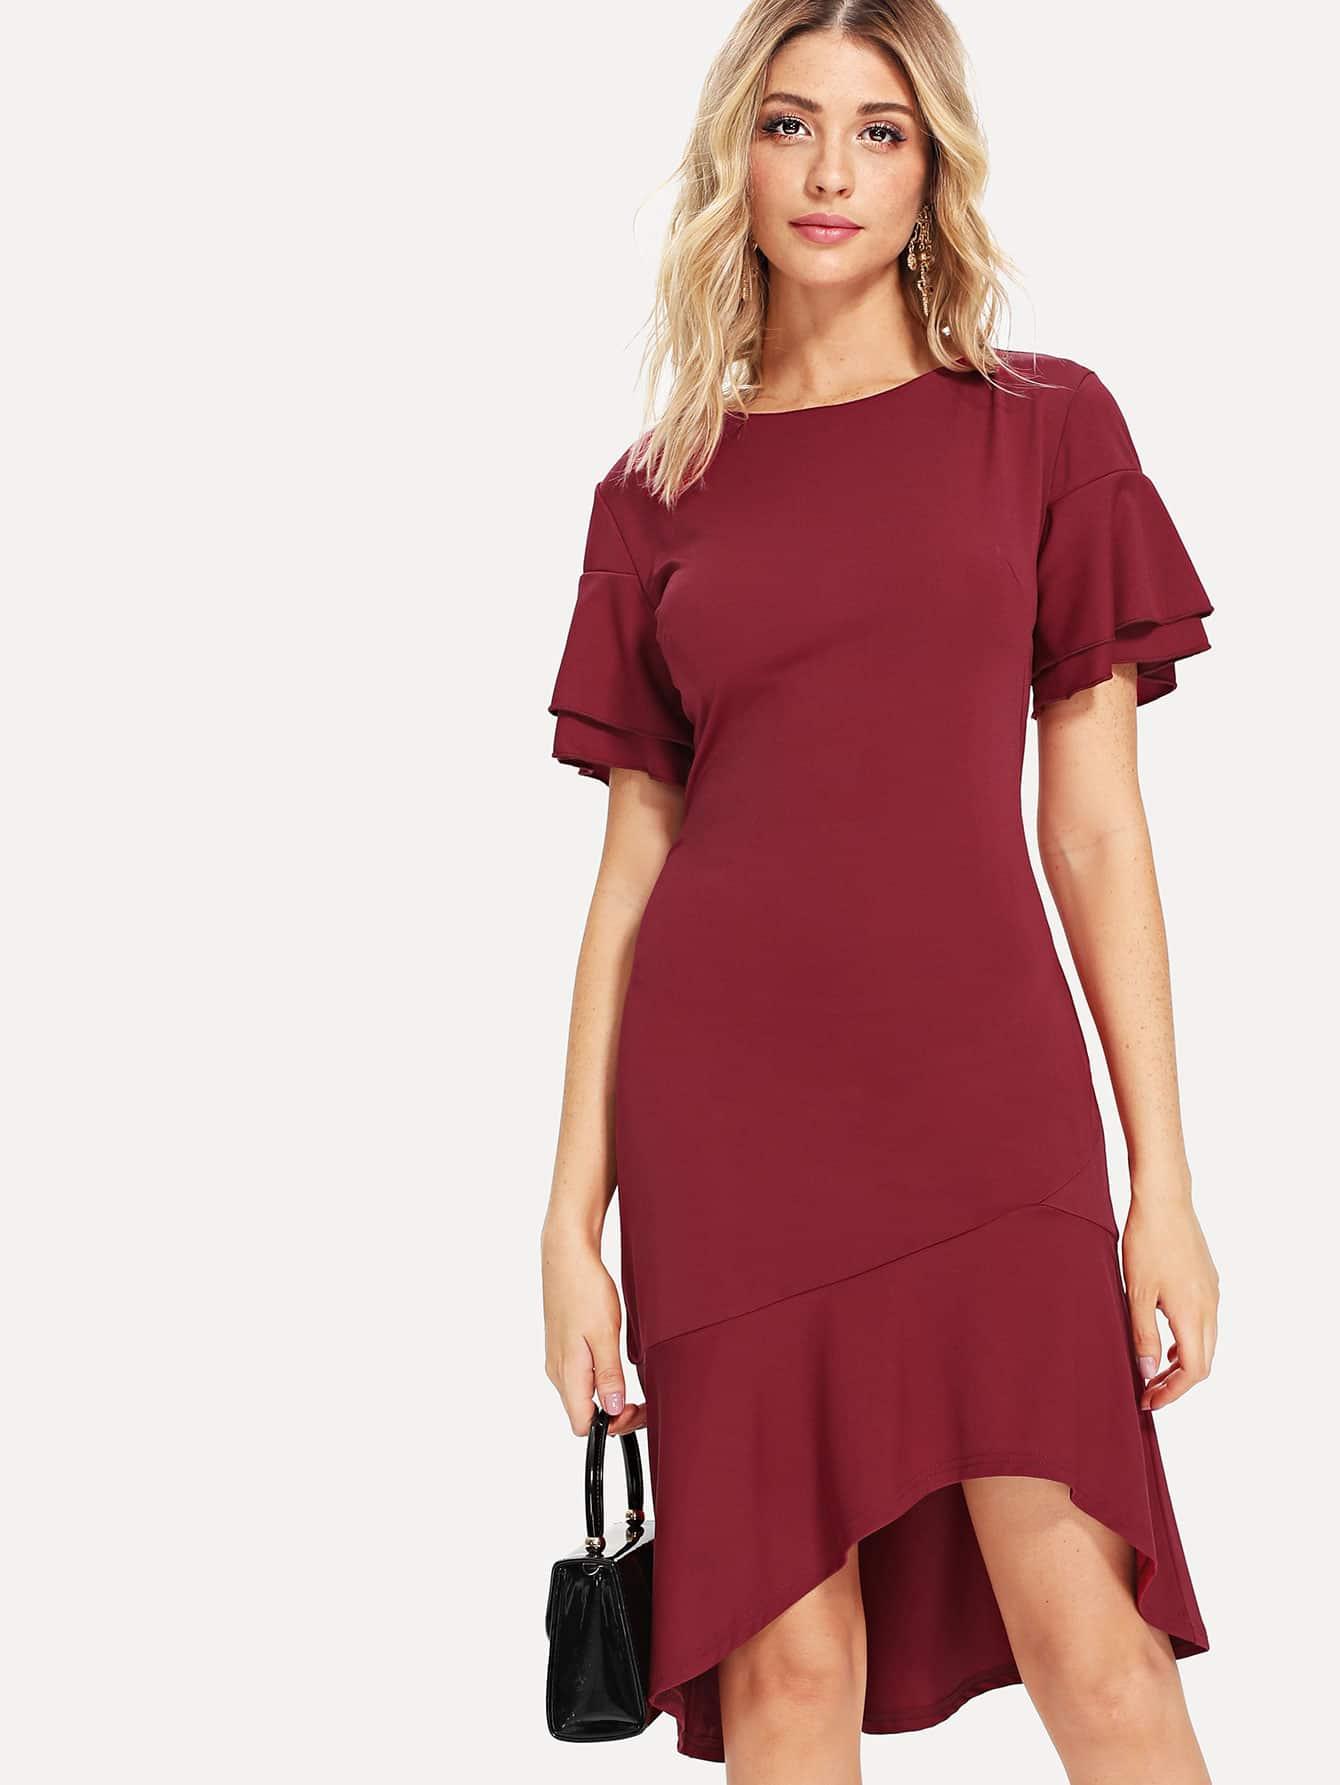 Ruffle Sleeve Dip Hem Dress striped sleeve ruffle dip hem dress